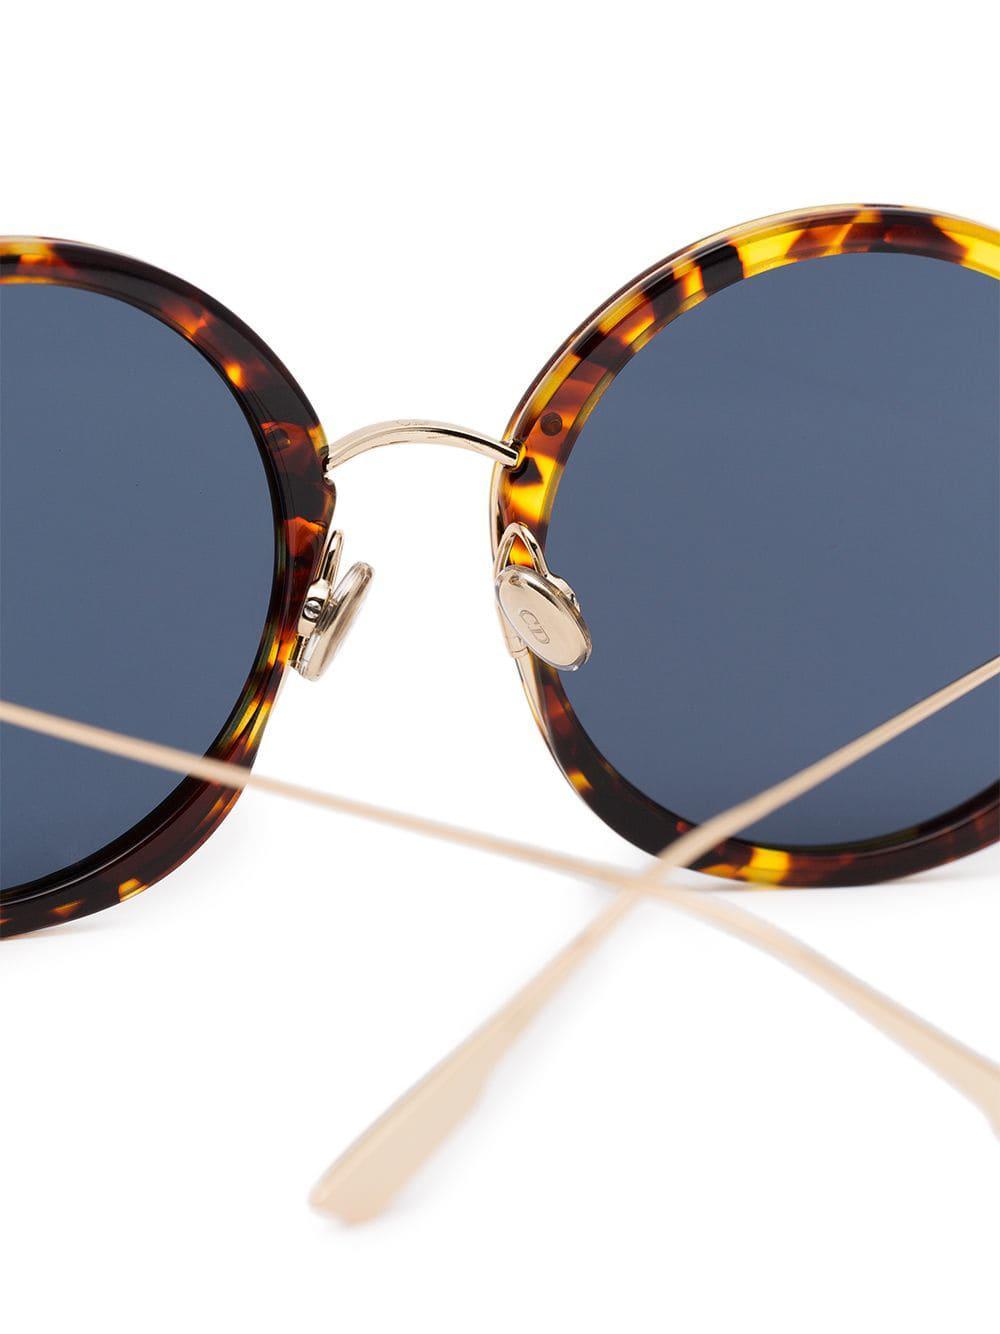 89212eee1 Gafas de sol redondas 56 Dior de color Marrón - Lyst